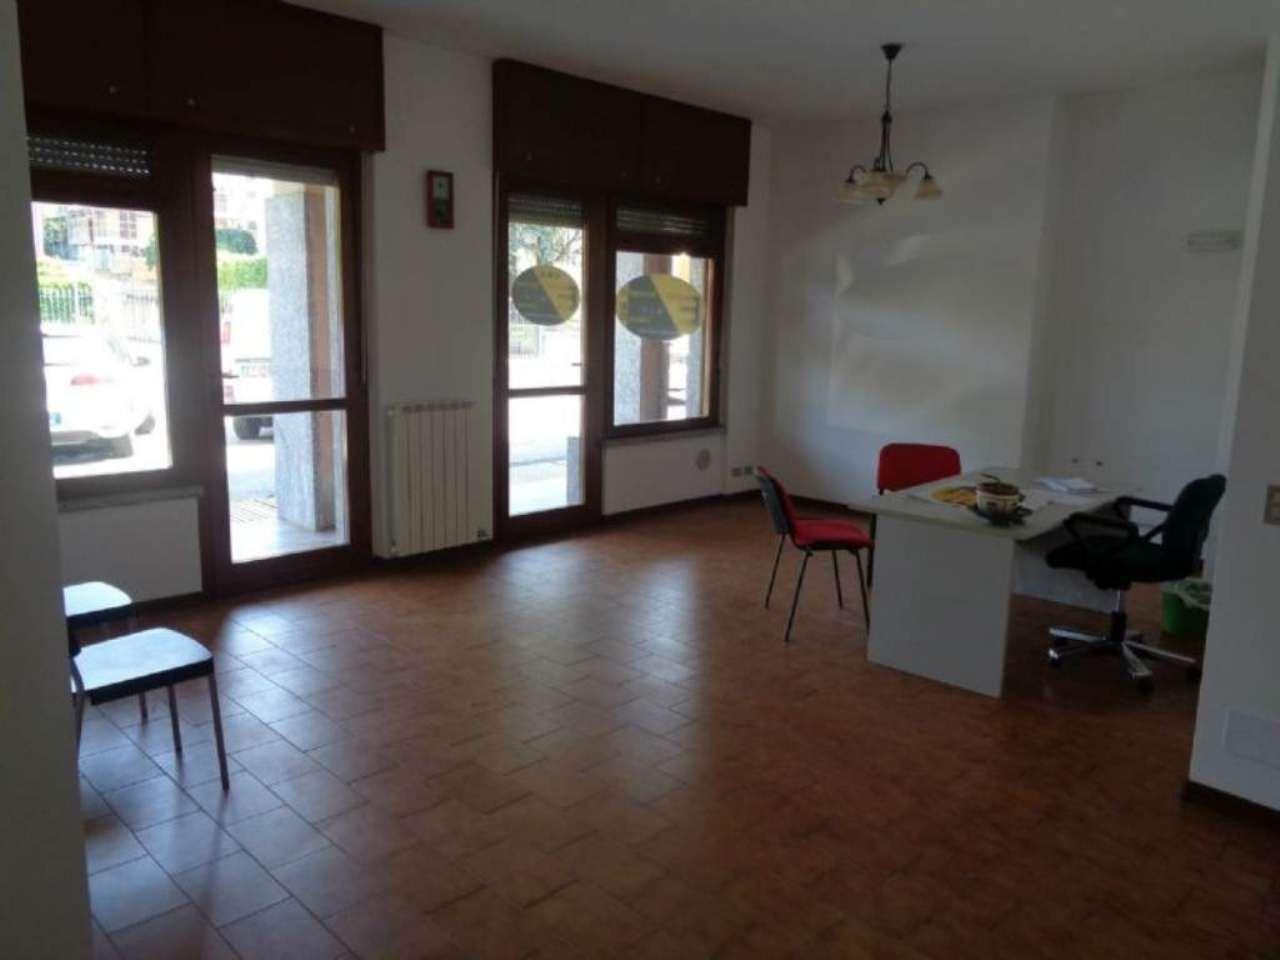 Negozio / Locale in vendita a Malnate, 1 locali, prezzo € 58.000 | Cambio Casa.it